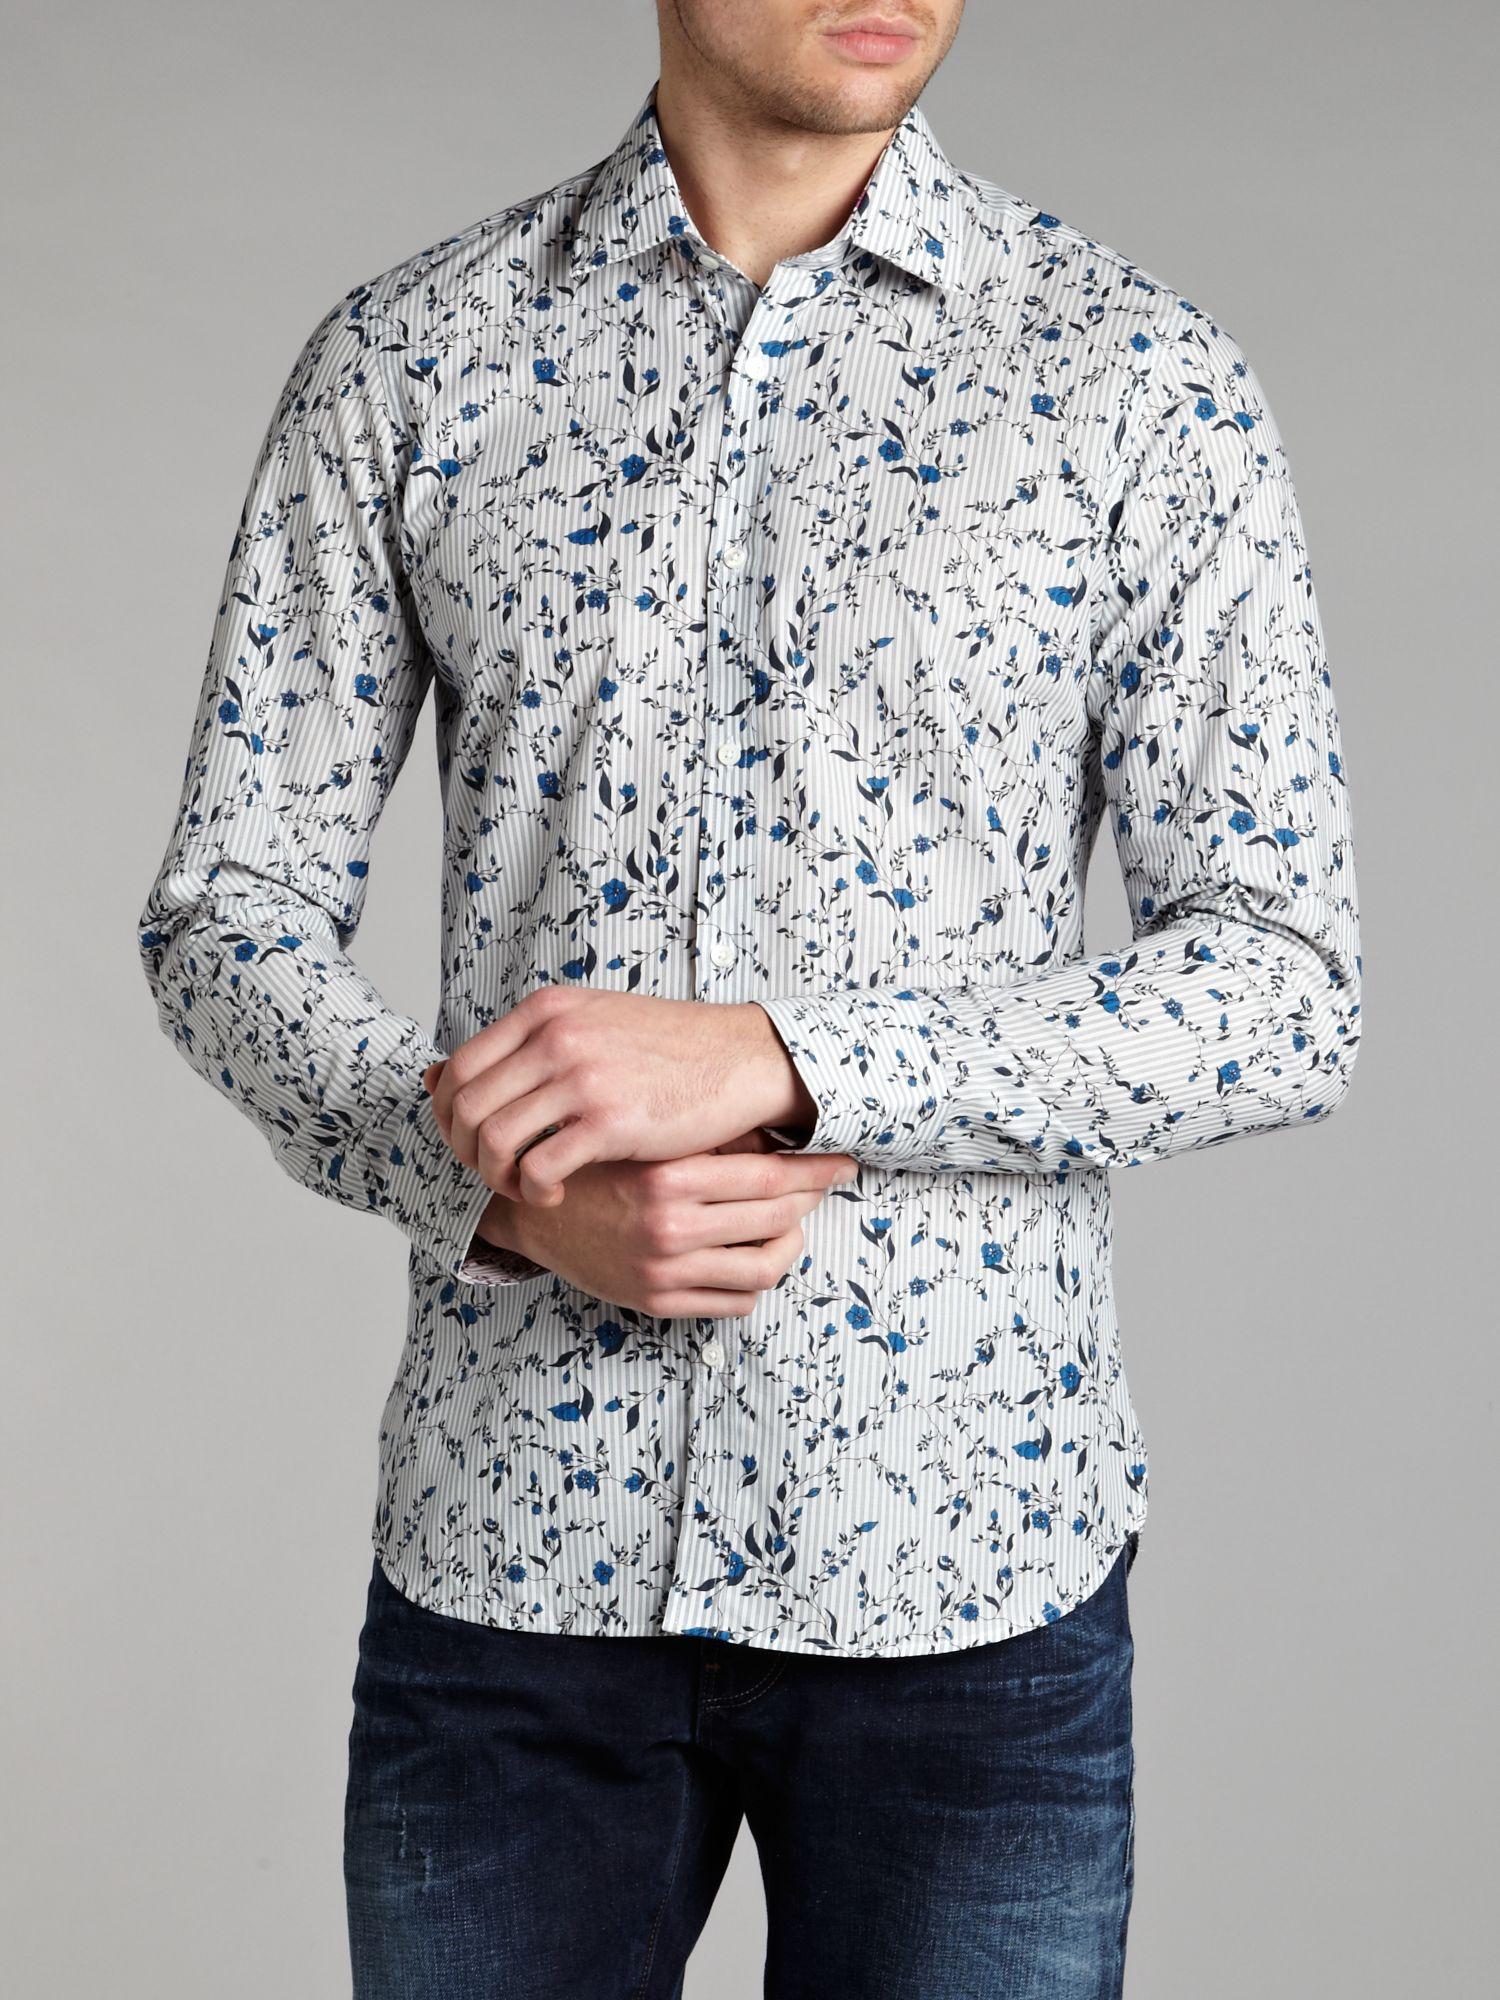 Ted baker long sleeved floral print formal shirt in blue for Ted baker floral print shirt